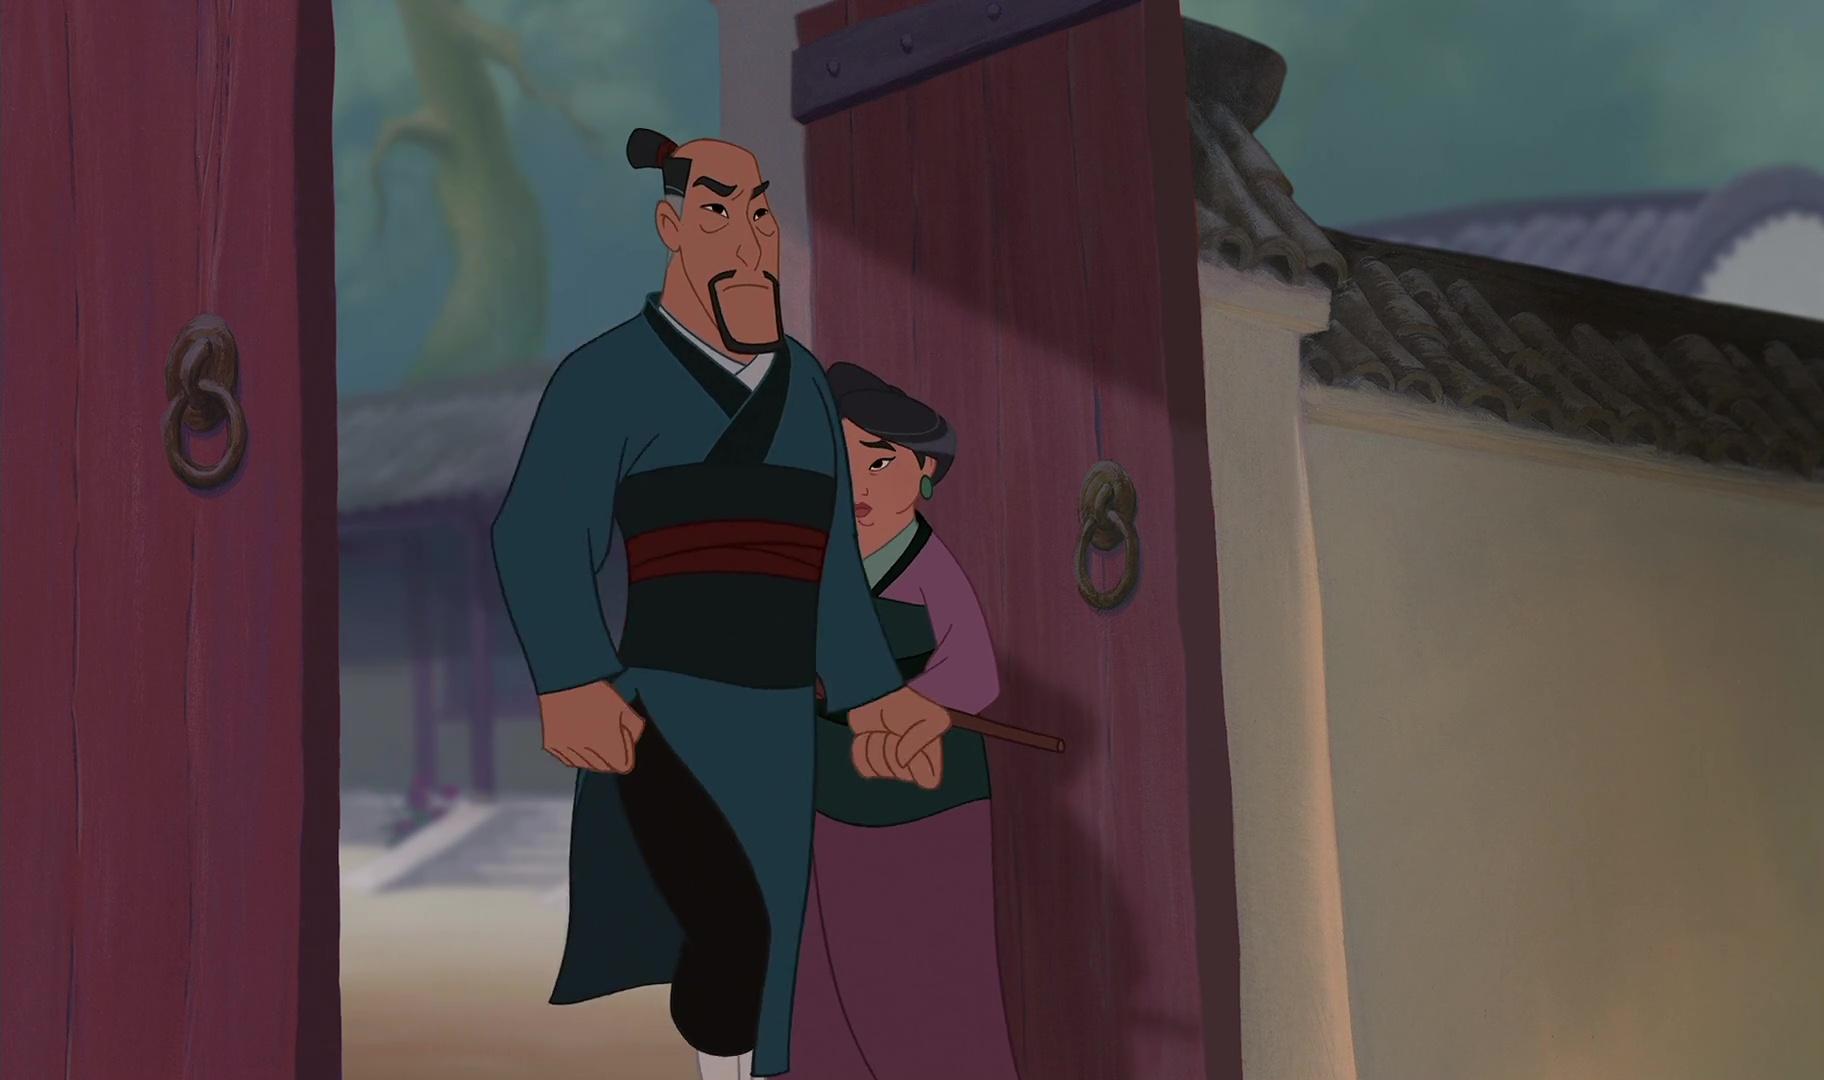 Uncategorized Fa Zhou fa zhou personnage dans disney planet lorsque lordre de rejoindre il met son honneur avant sa vie et accepte la requaate